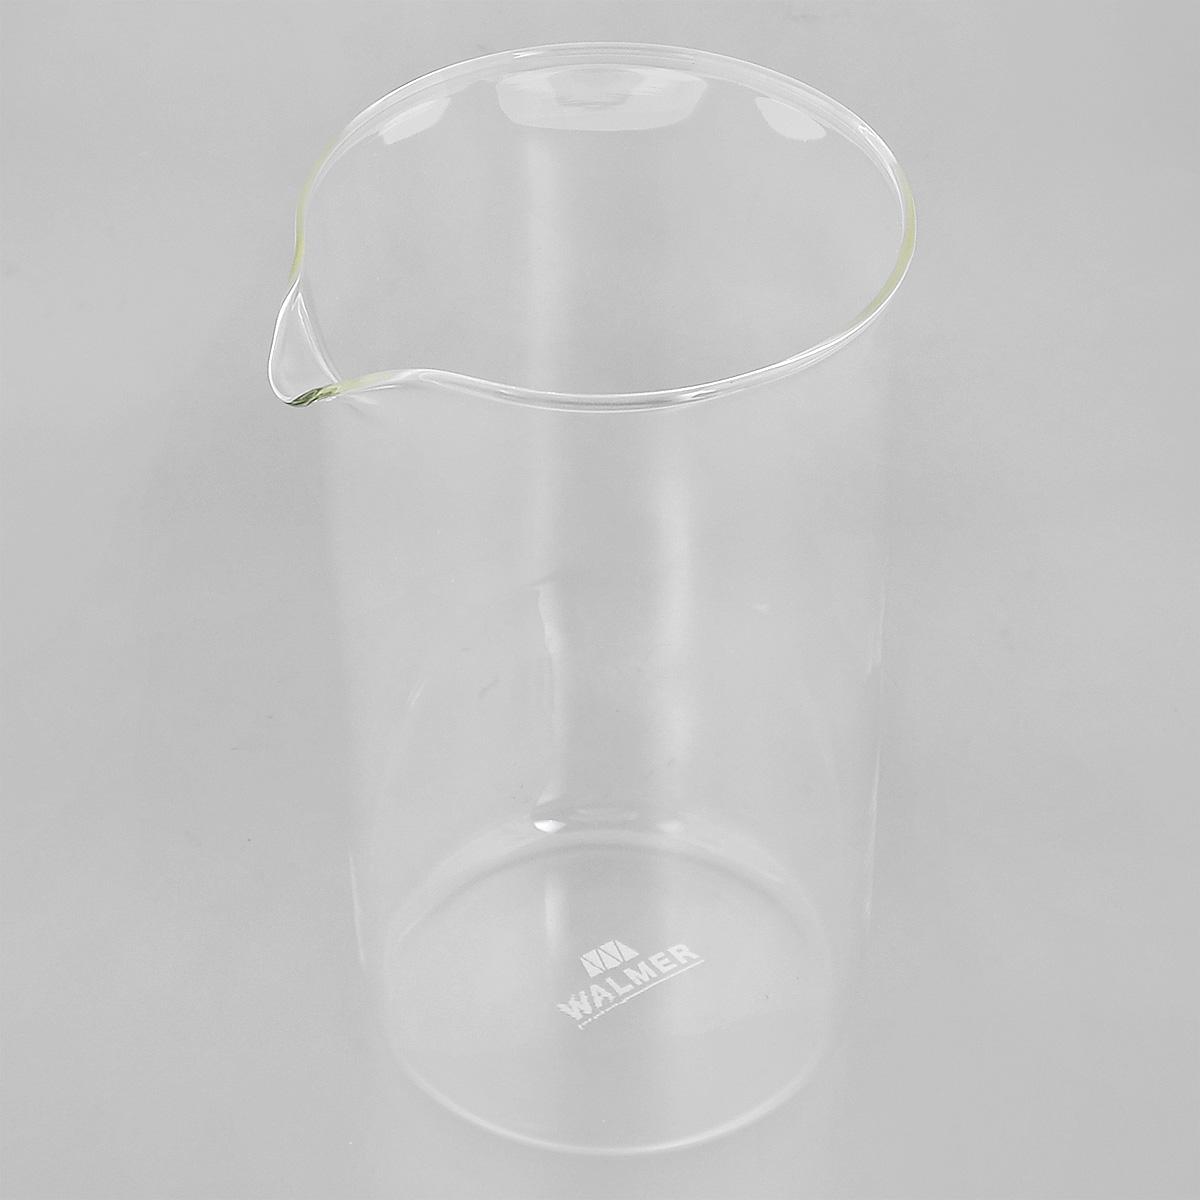 Колба для кофейников Walmer, 1 лW04001100Колба Walmer, изготовленная из высококачественного прозрачного стекла, предназначена для кофейников и френч-прессов. Изделие прекрасно подойдет для замены старой разбитой колбы. Это сосуд, который напрямую контактирует с напитком, поэтому он должен быть выполнен из качественных материалов. Изделие выдерживает высокие температуры и не мутнеет при многократном мытье. Данная колба прослужит вам надежно и долго. Можно мыть в посудомоечной машине. Диаметр: 10 см. Высота: 18 см. Объем: 1 л.